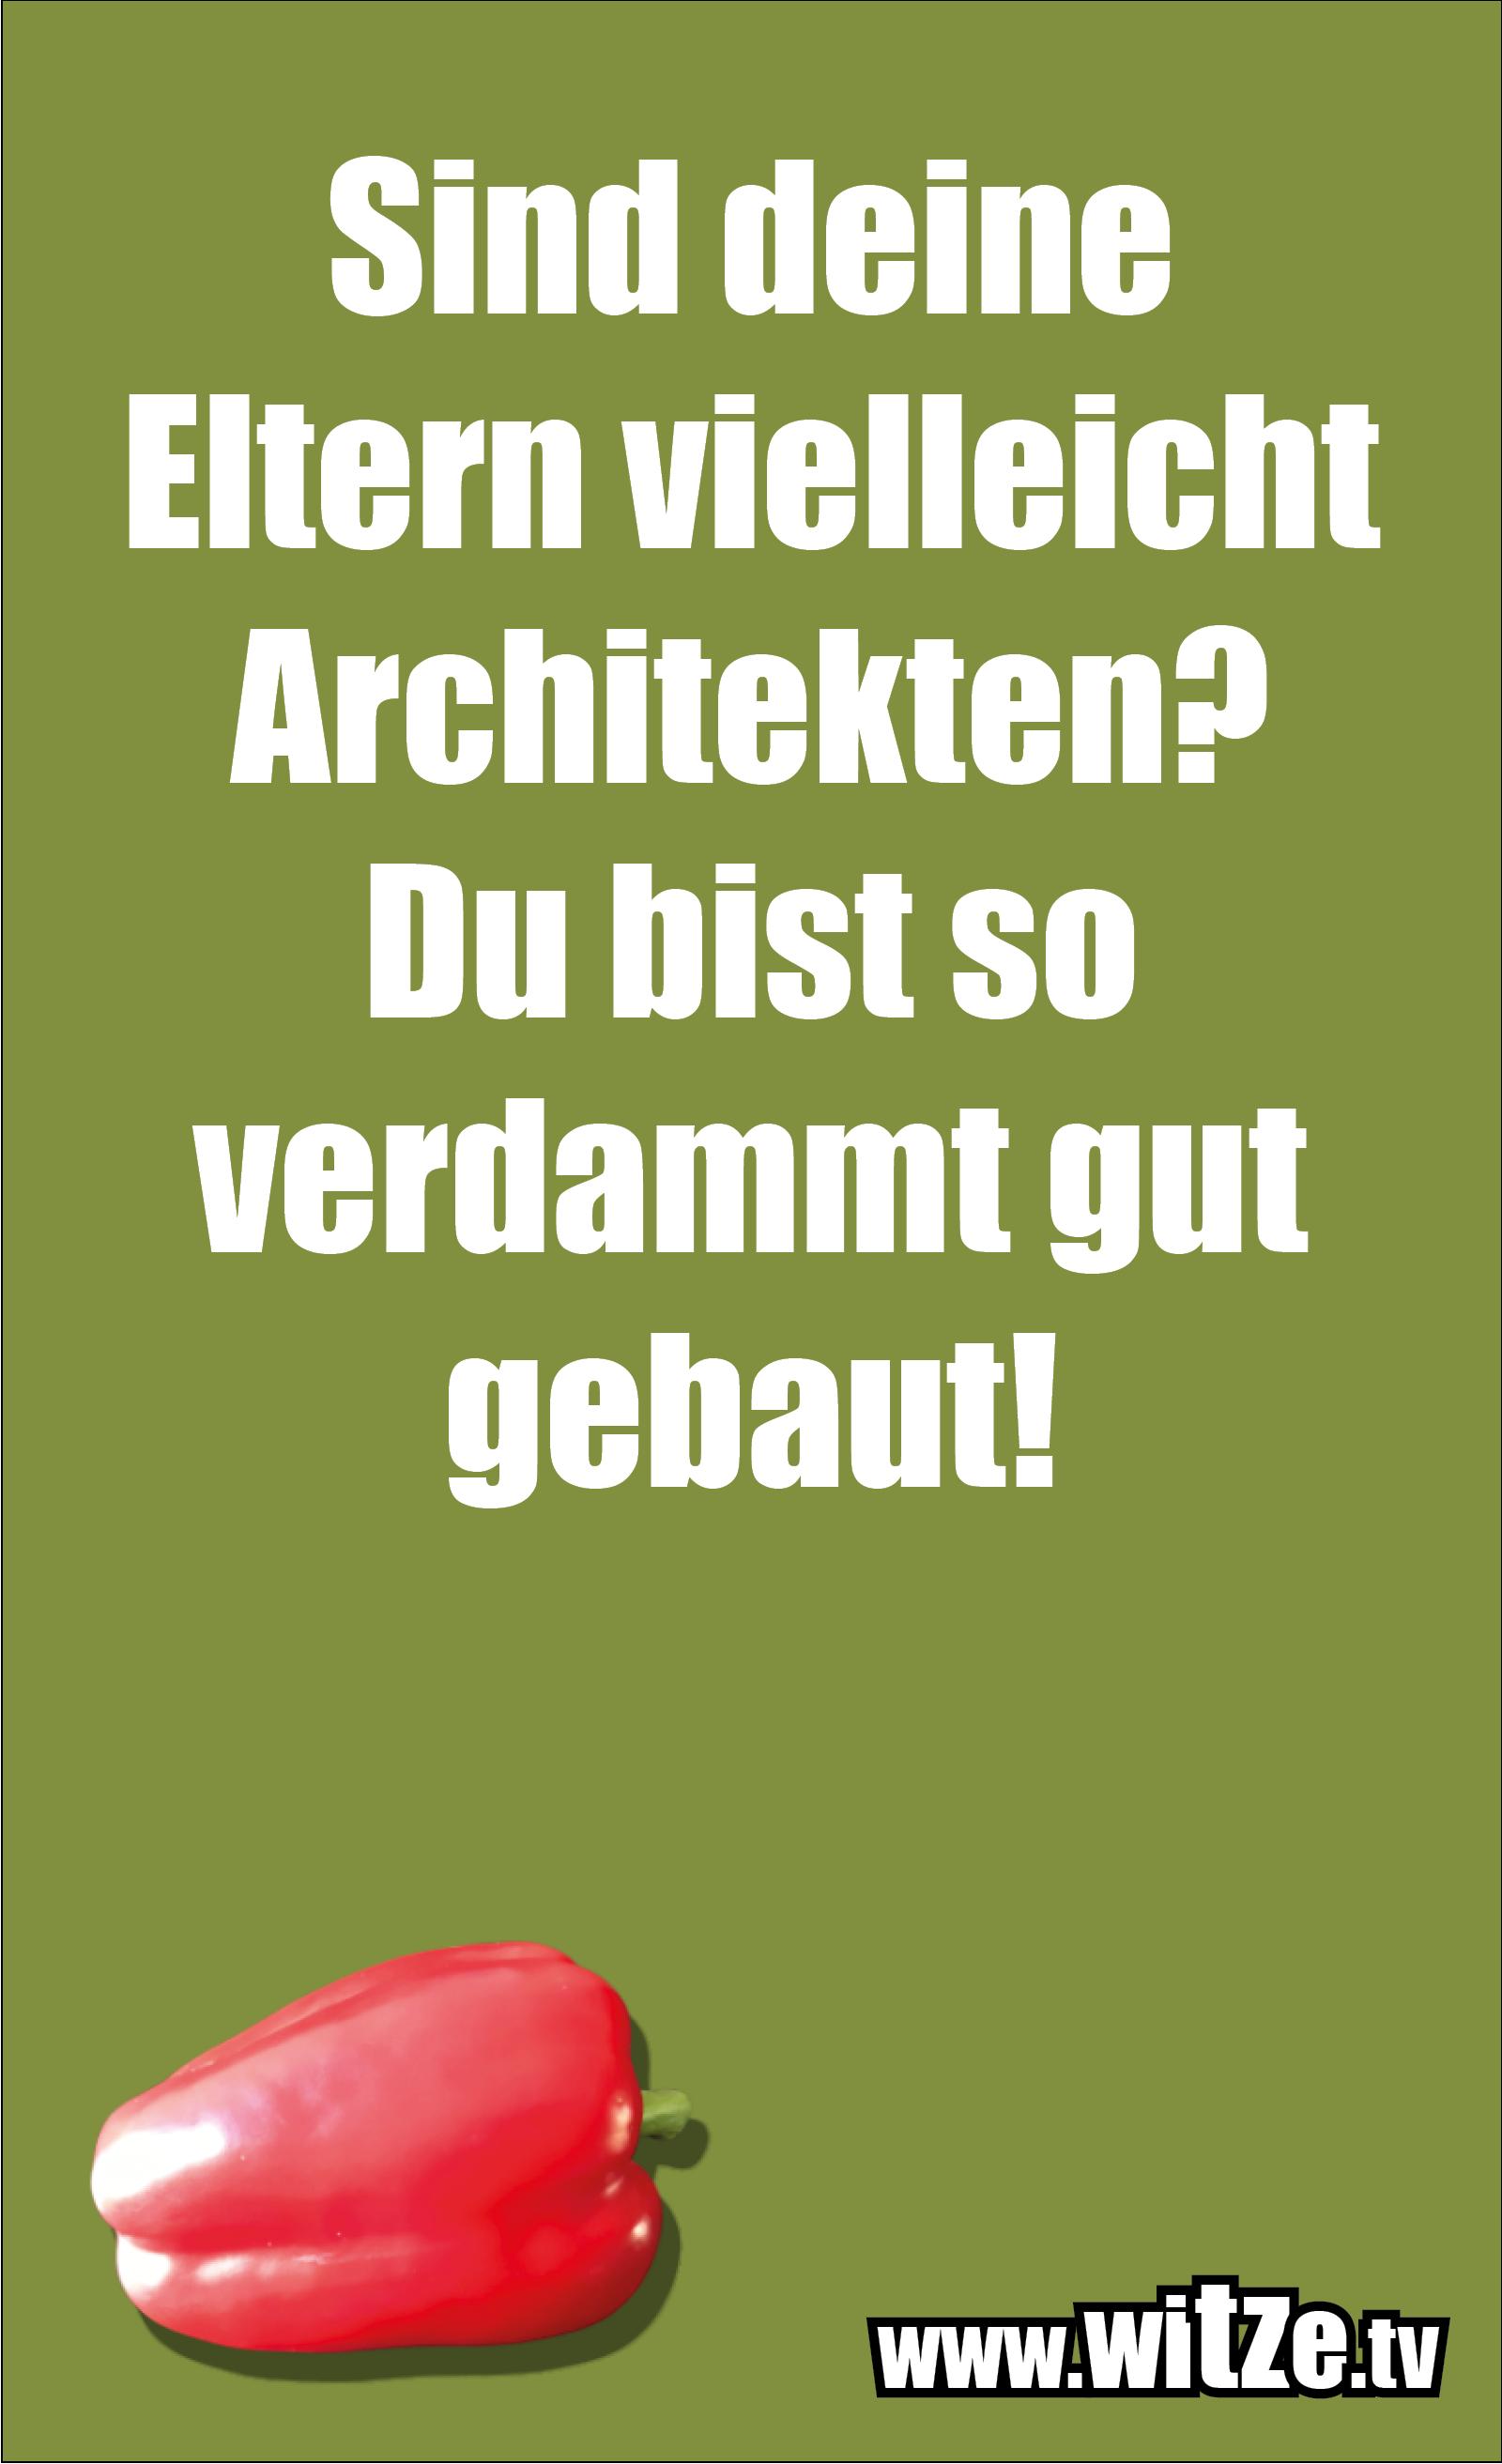 Lustige Anmachsprüche… Sind deine Eltern vielleicht Architekten? Du bist so verdammt gut gebaut!